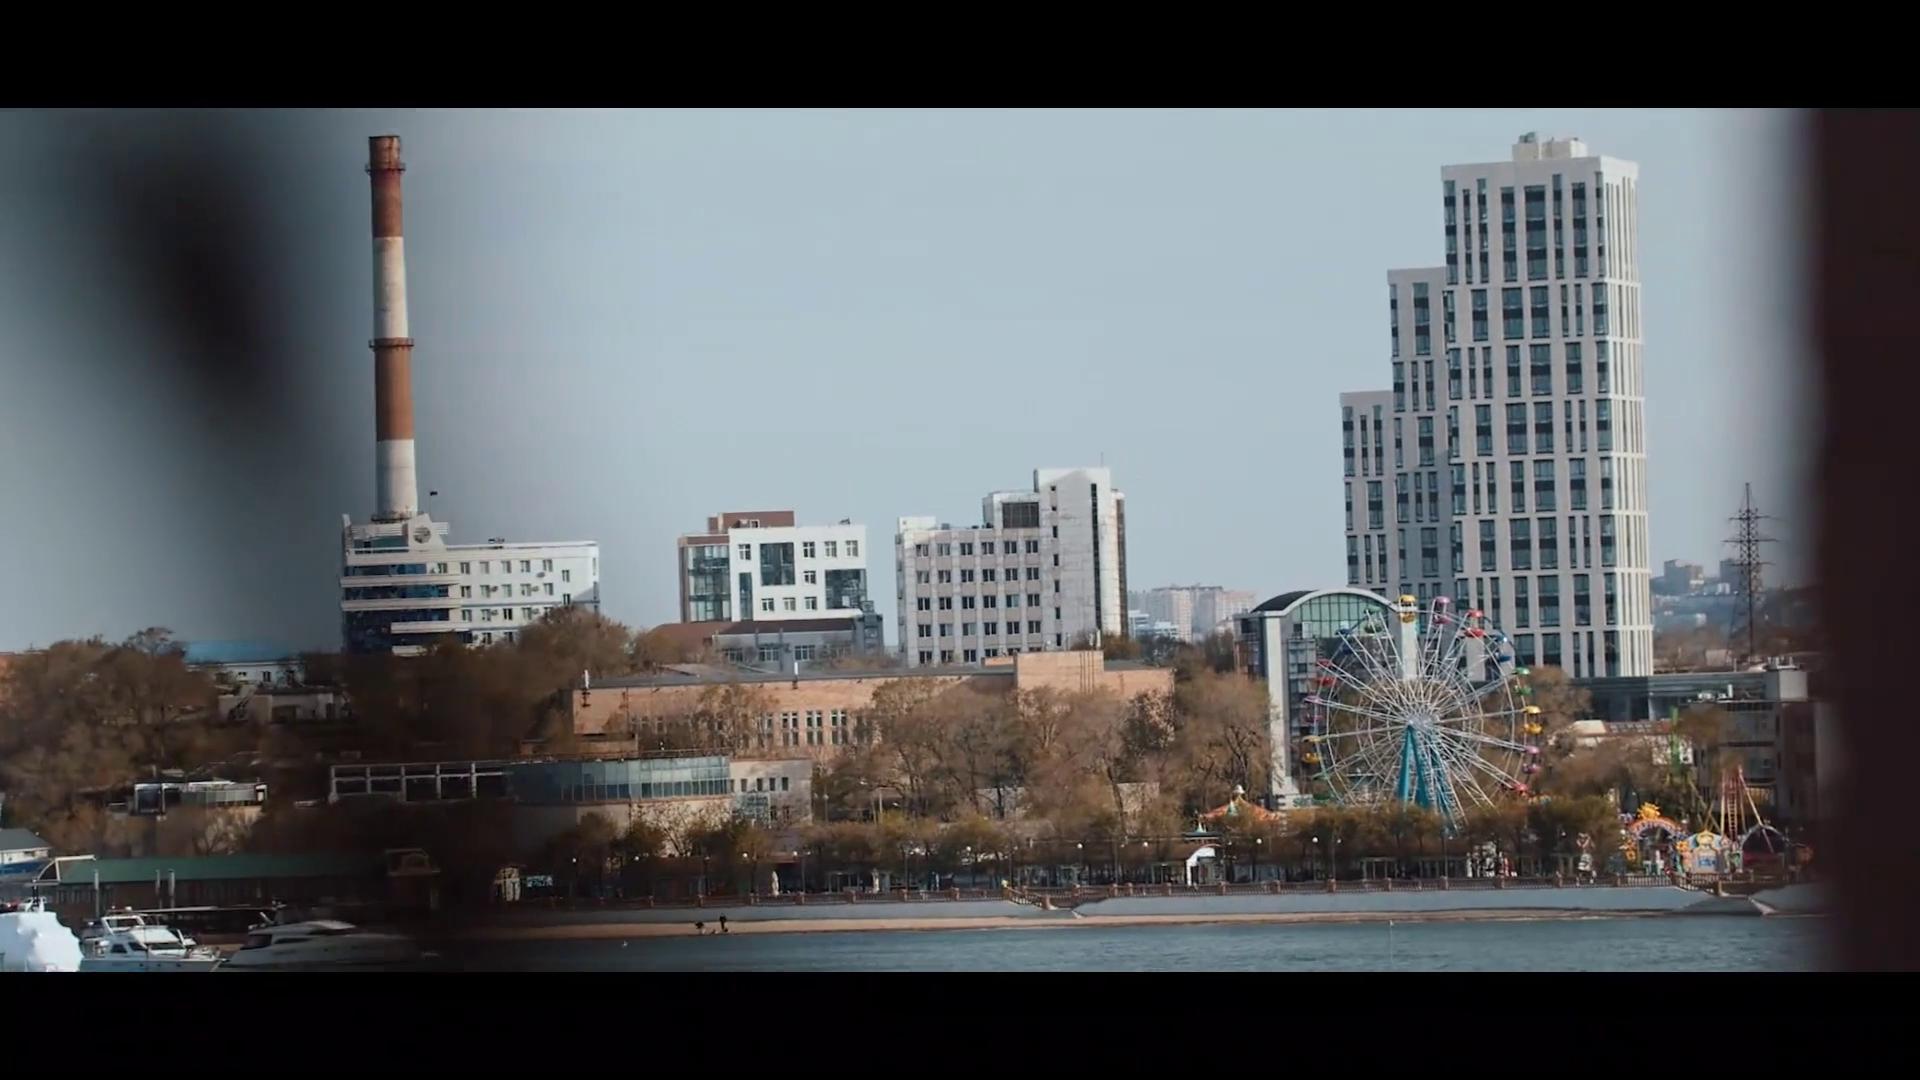 Изображение для Девяностые / Выпуск 1 из ?? (2020) WEB-DL 1080p (кликните для просмотра полного изображения)